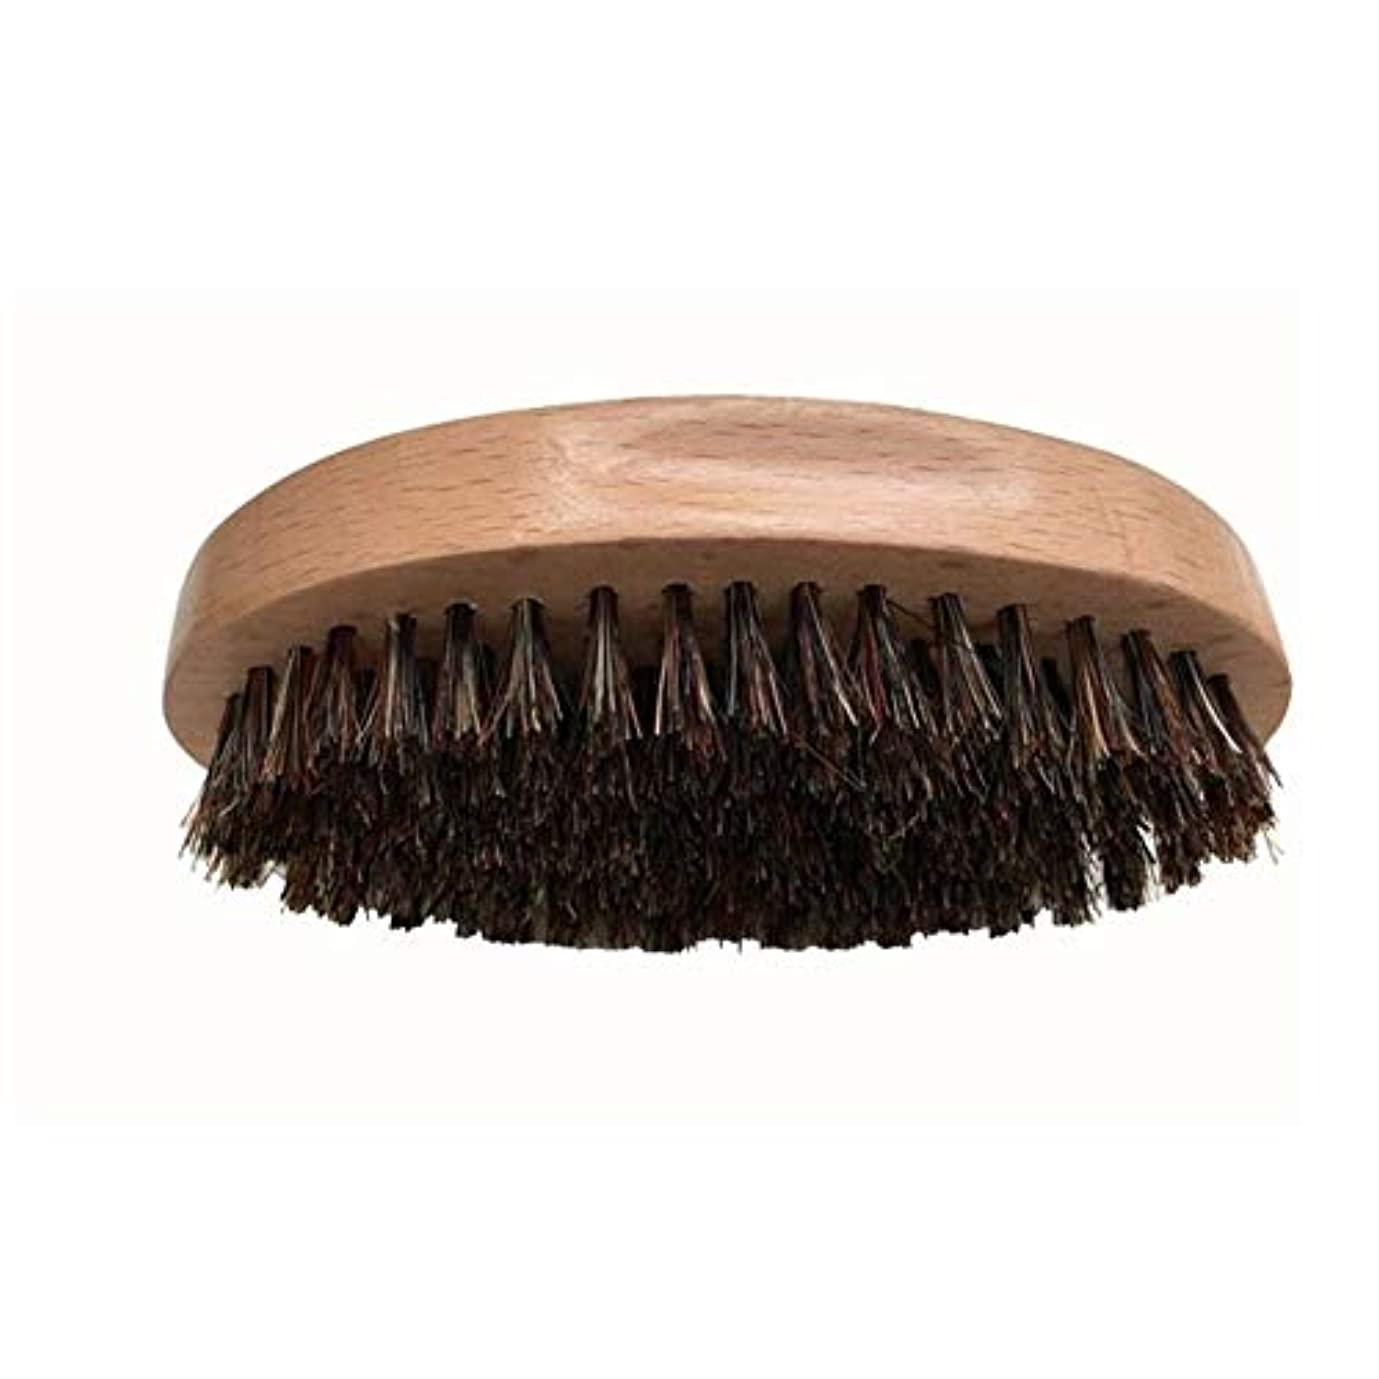 無限シュリンクソロシェービングブラシ 男性 口ひげ ひげブラシ ラウンド櫛 メンズシェービングツール 理容 洗顔 髭剃り 泡立ち